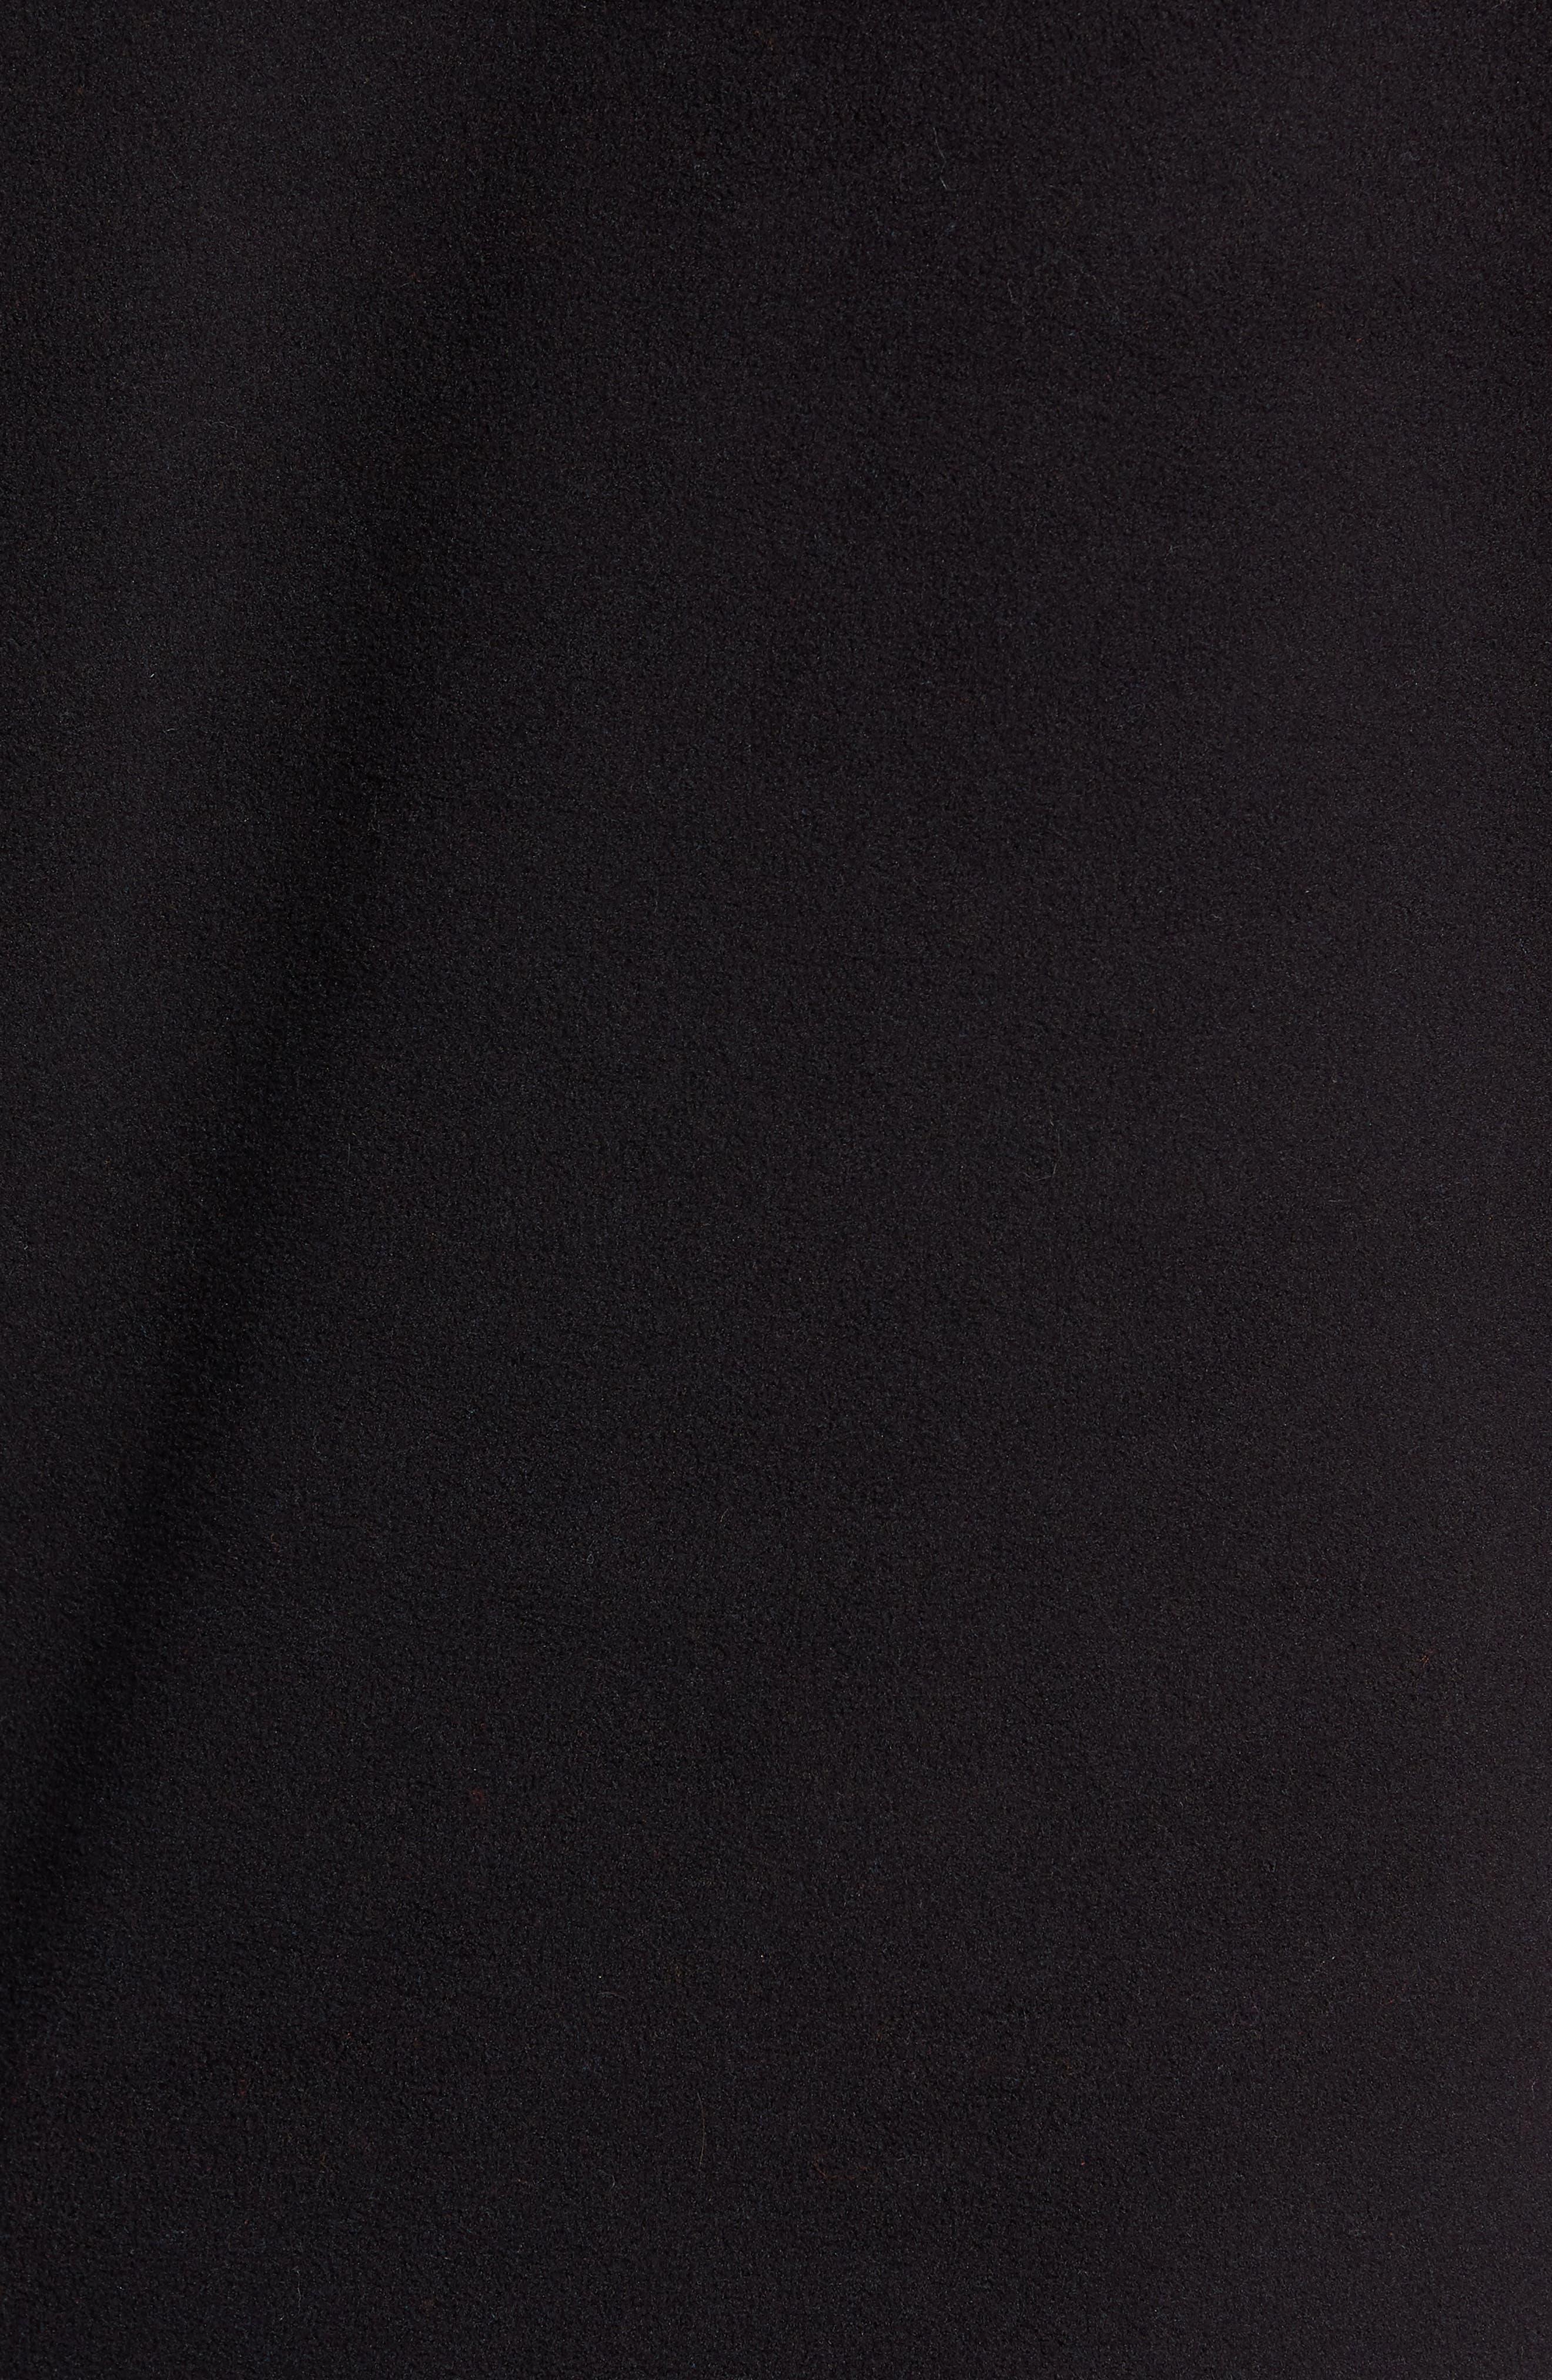 Mountain Fleece Pullover,                             Alternate thumbnail 5, color,                             BLACK